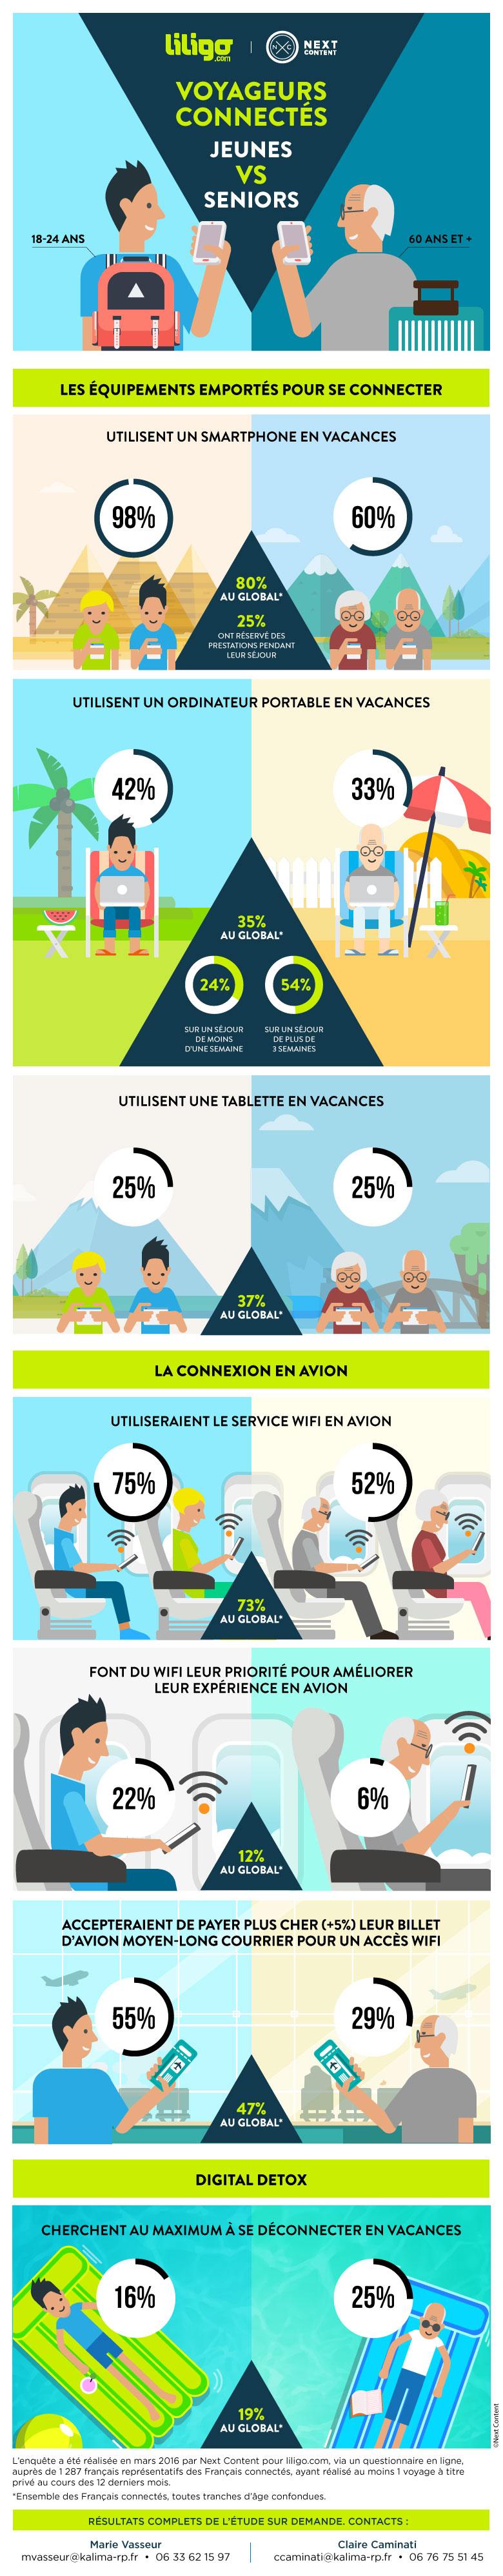 Voyageurs connectés : jeunes vs seniors